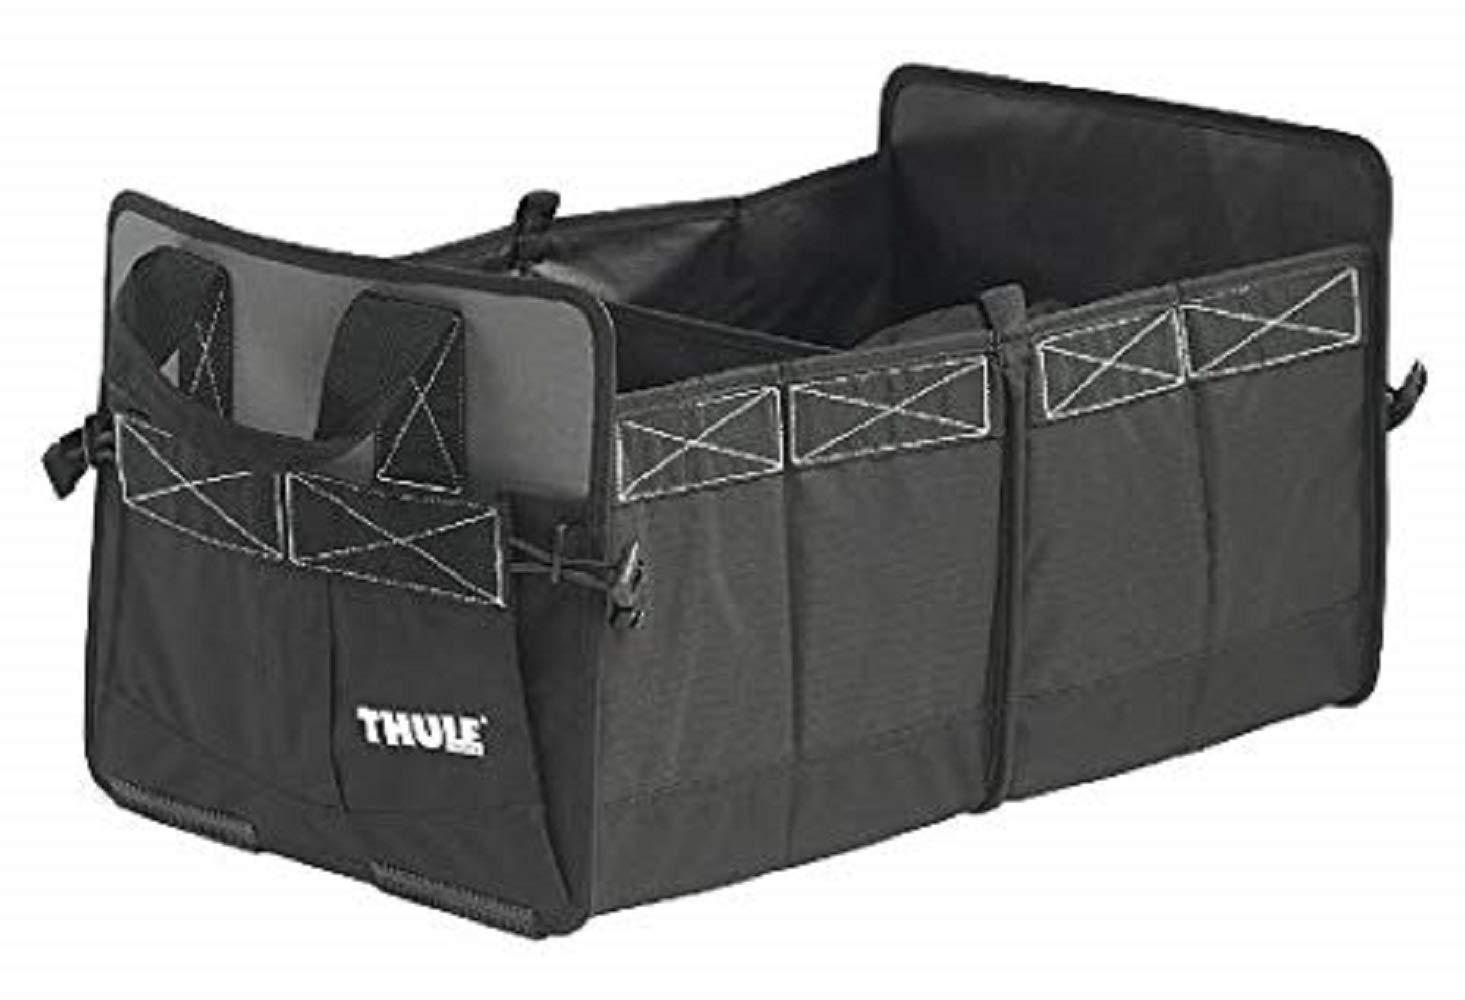 Thule TH8005 8005 Go Box